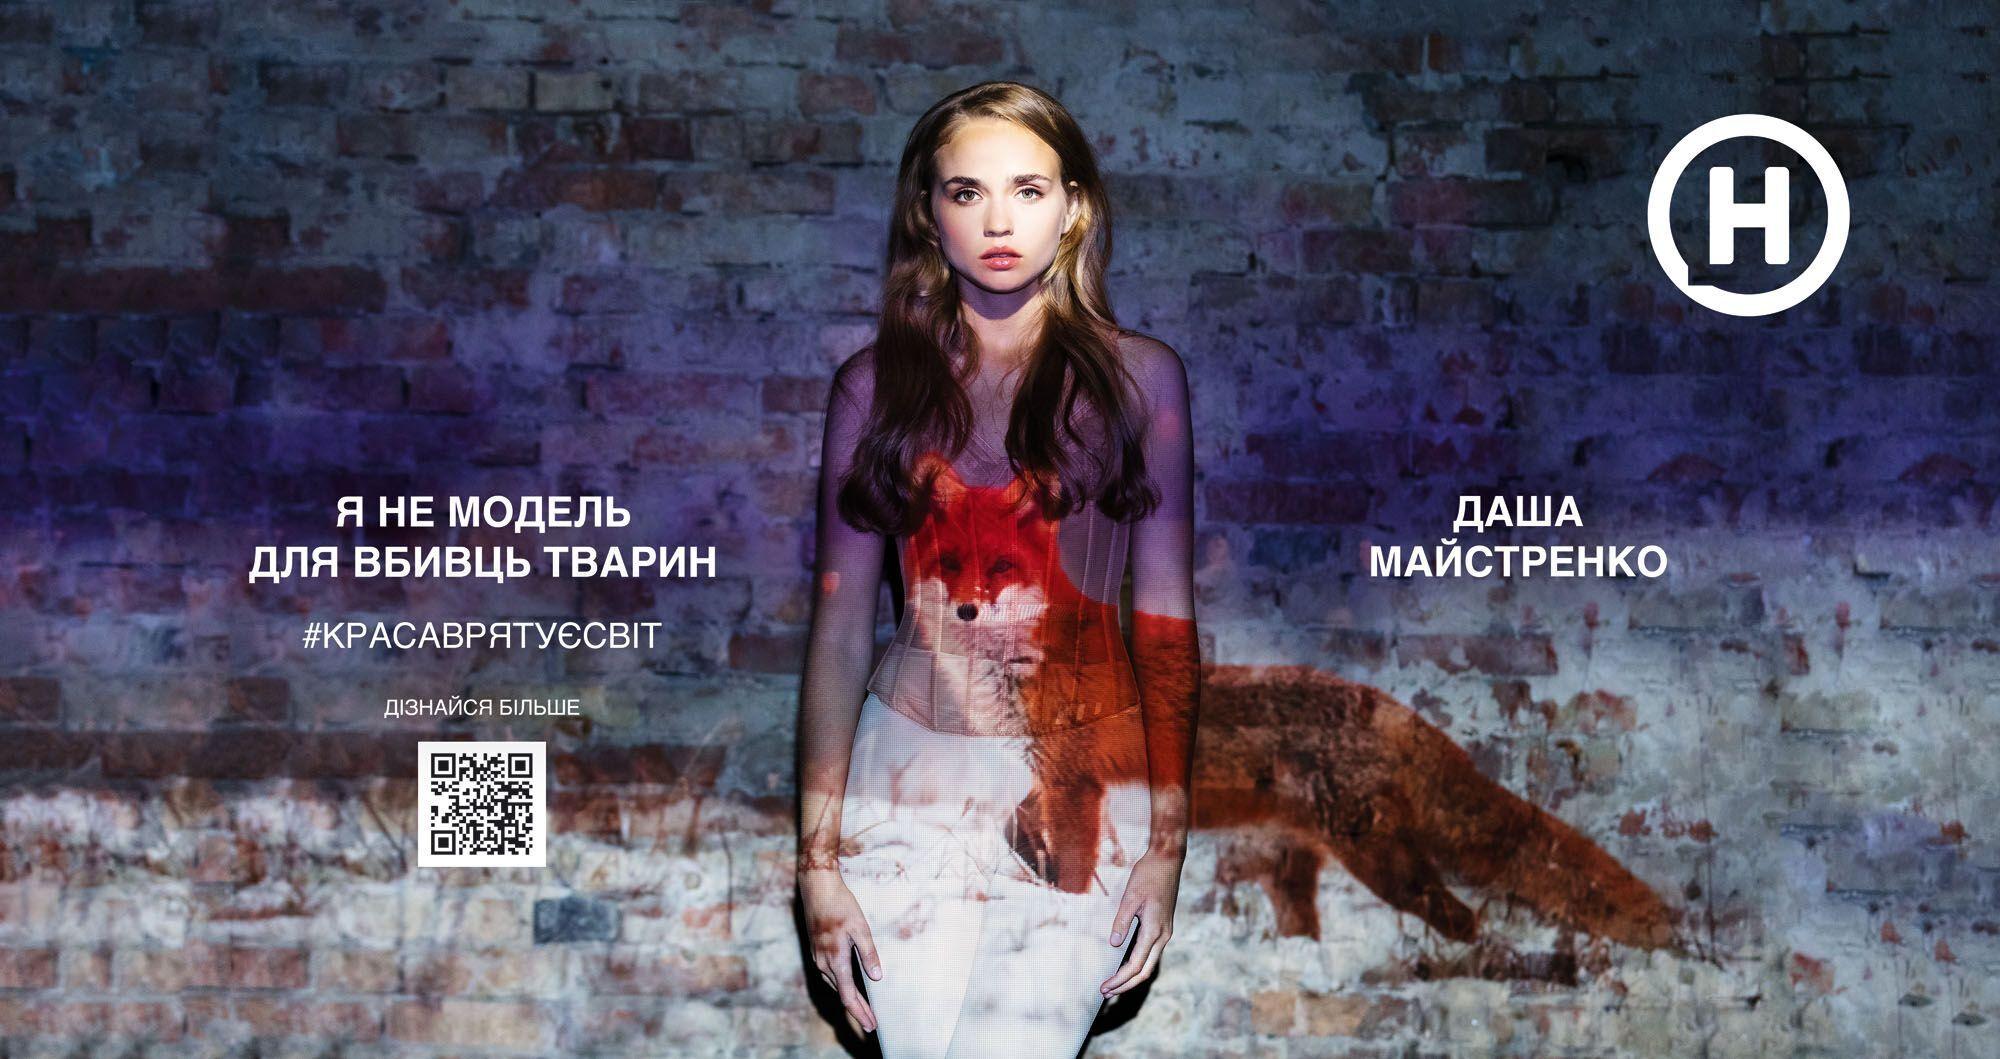 """Учасниця """"Супер Топ-модель по-українськи"""" Даша Майстренко"""